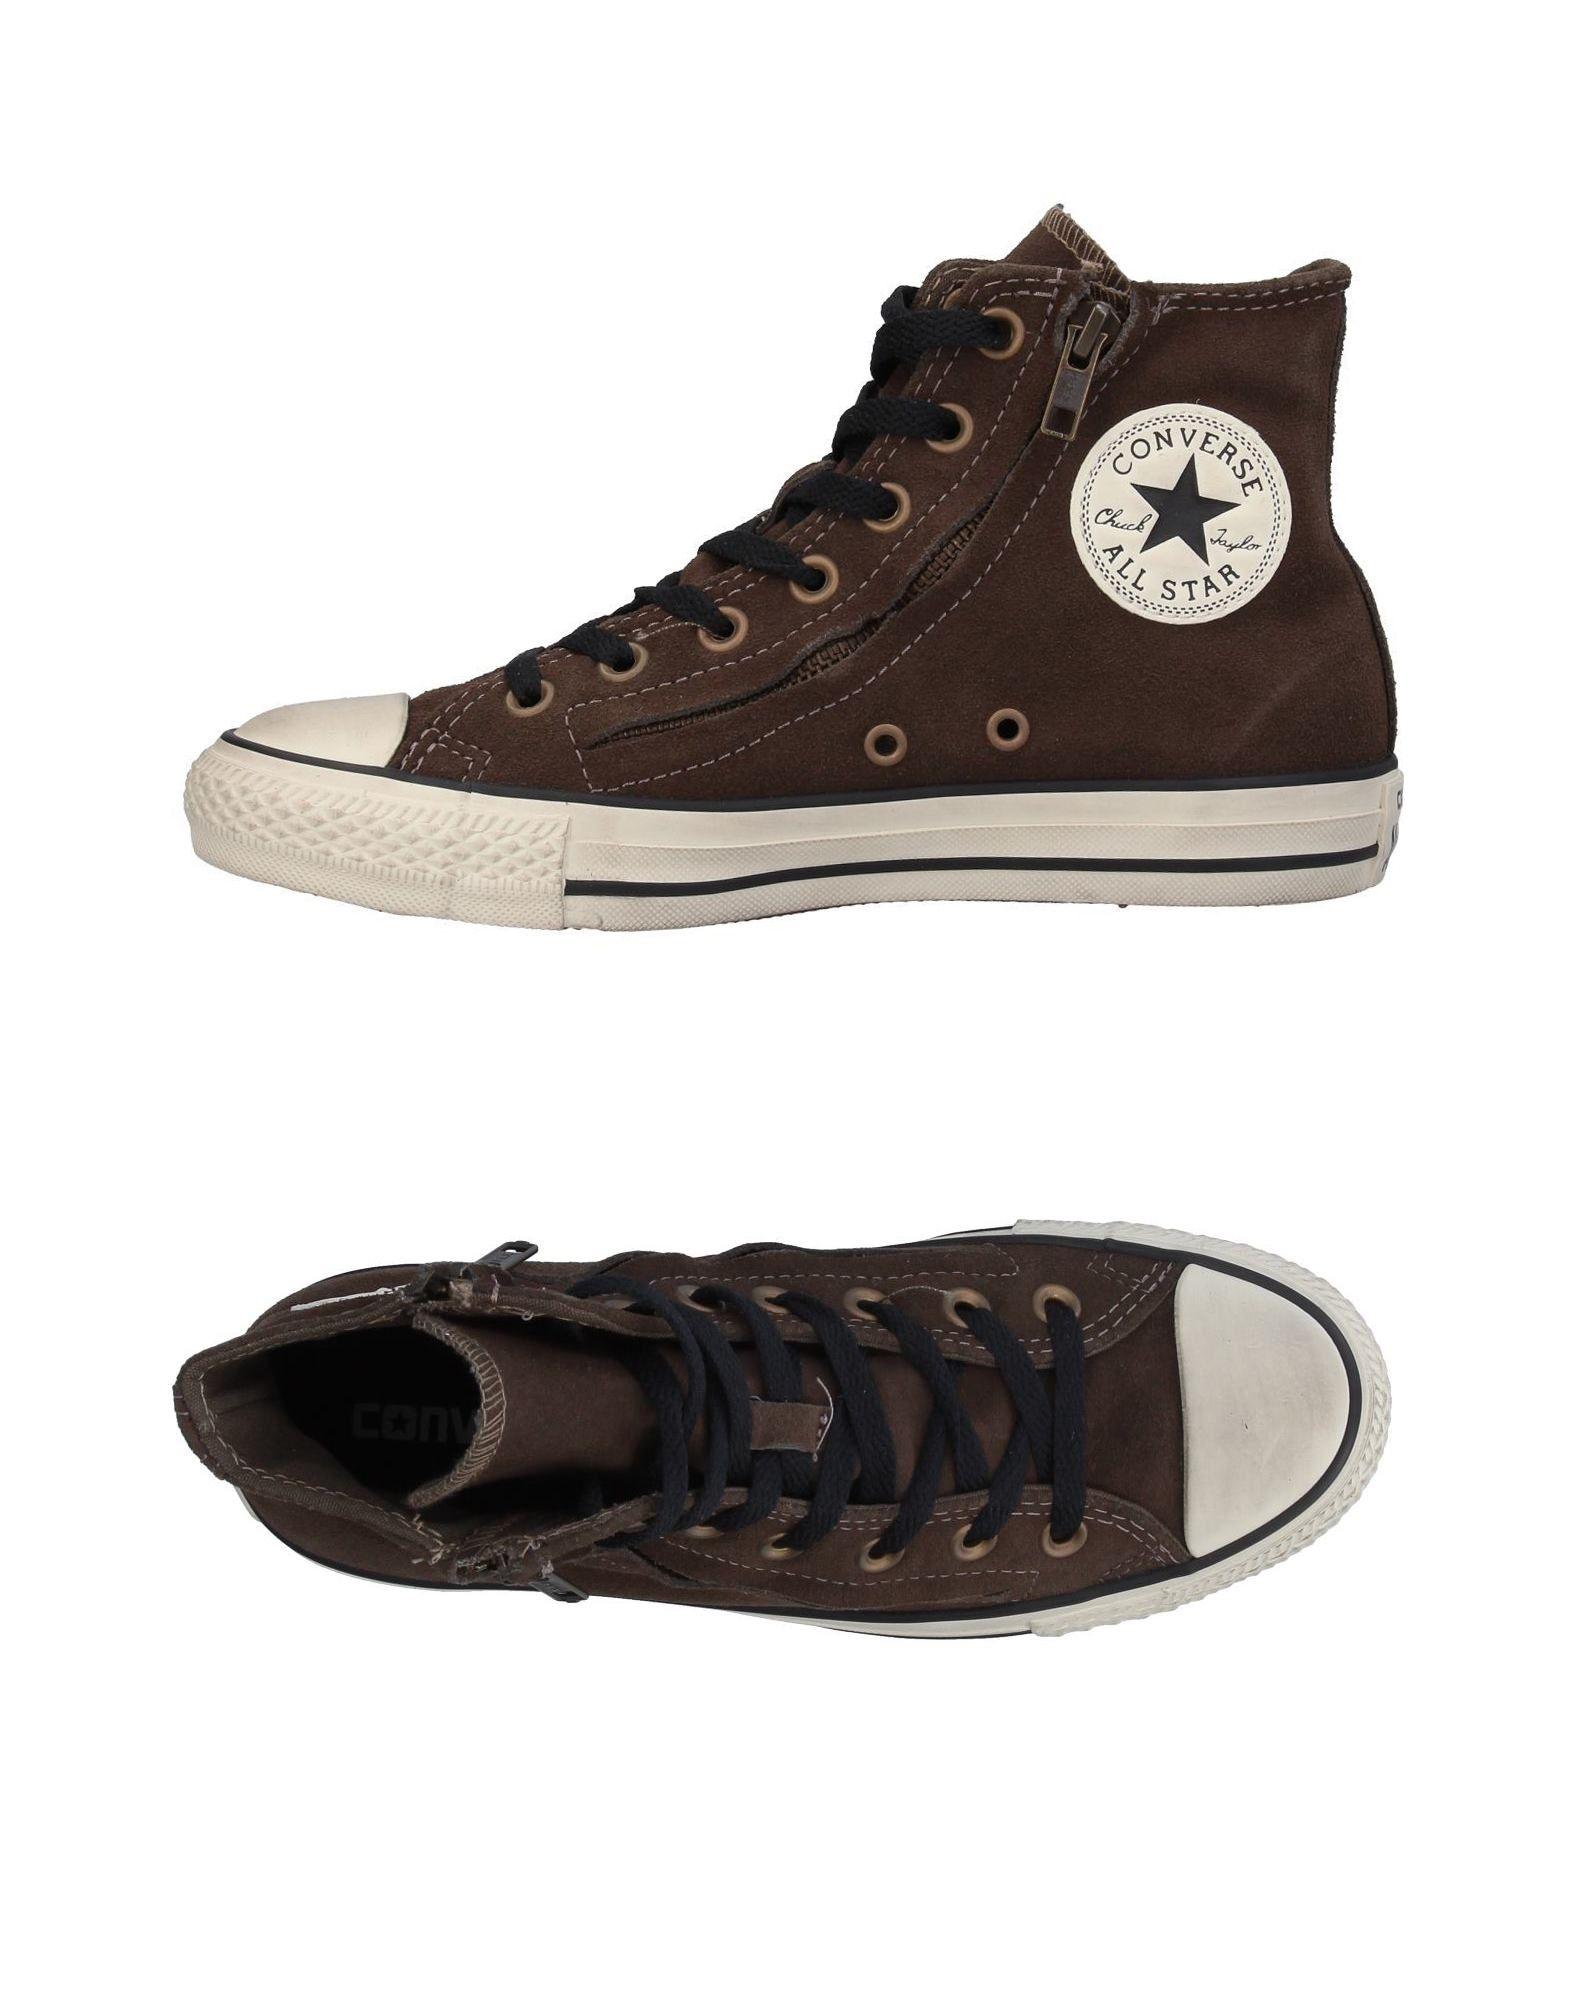 CONVERSE ALL STAR Высокие кеды и кроссовки кеды converse кеды star player 2v